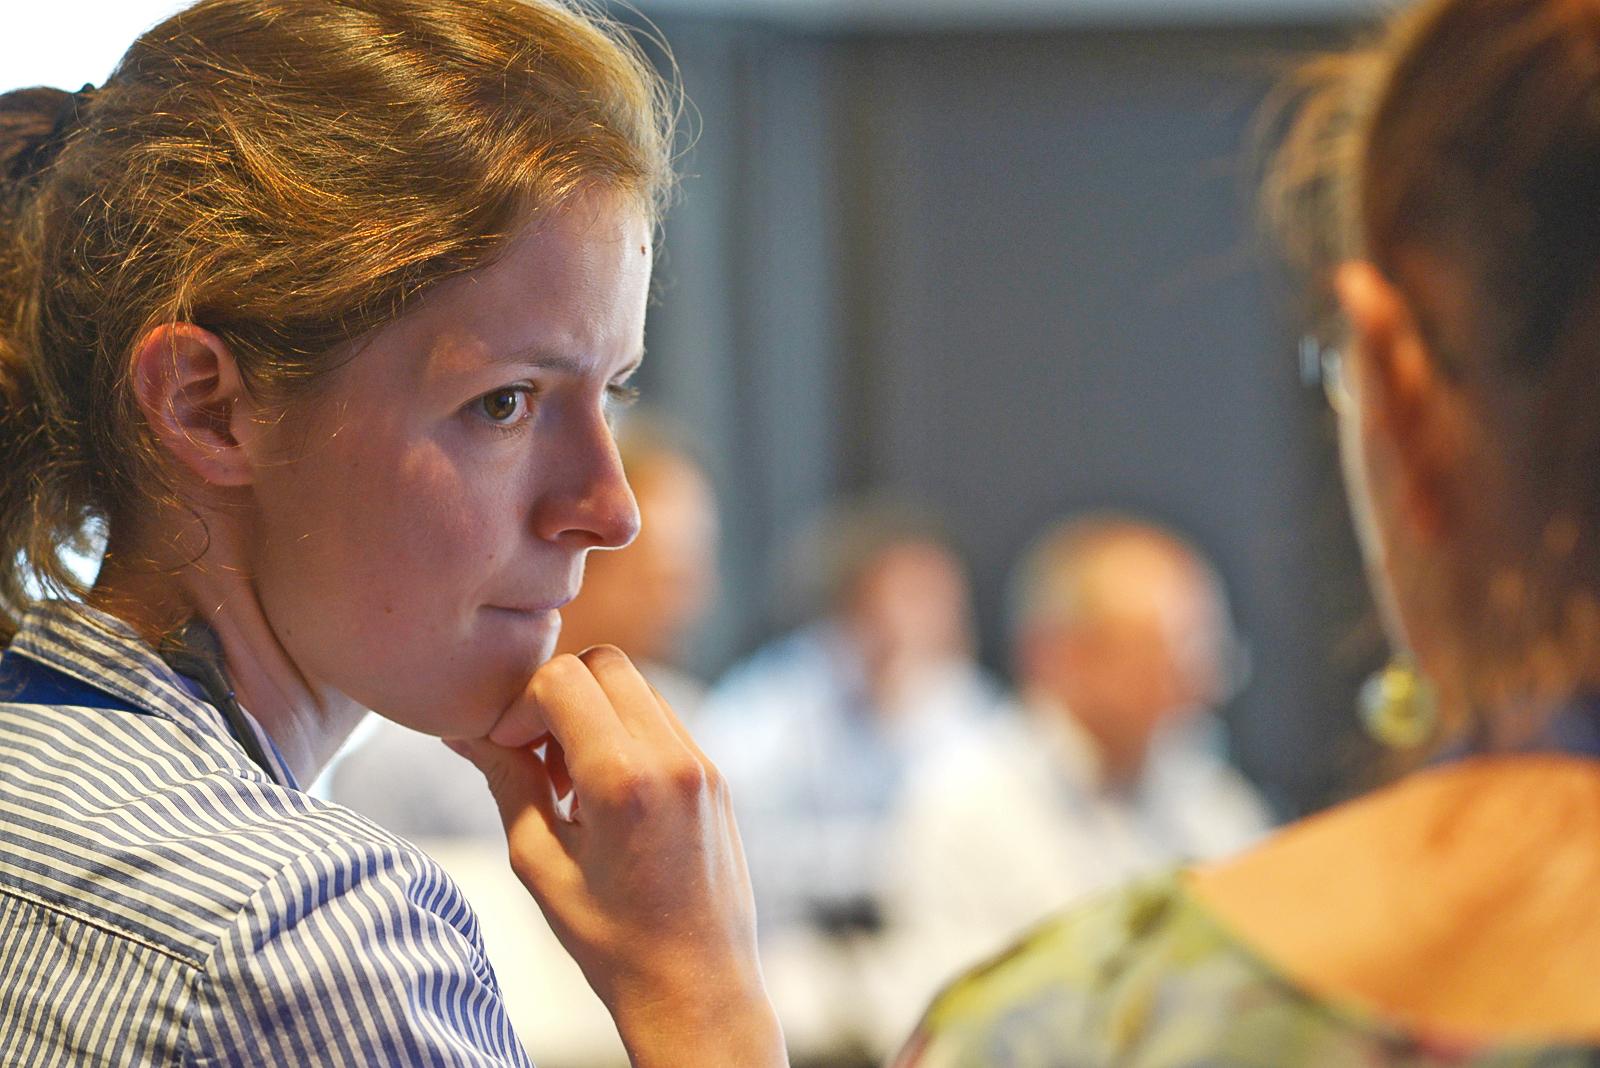 Frances Rose, Programm-Managerin für regionale Zusammenarbeit und Vernetzung bei KAICIID